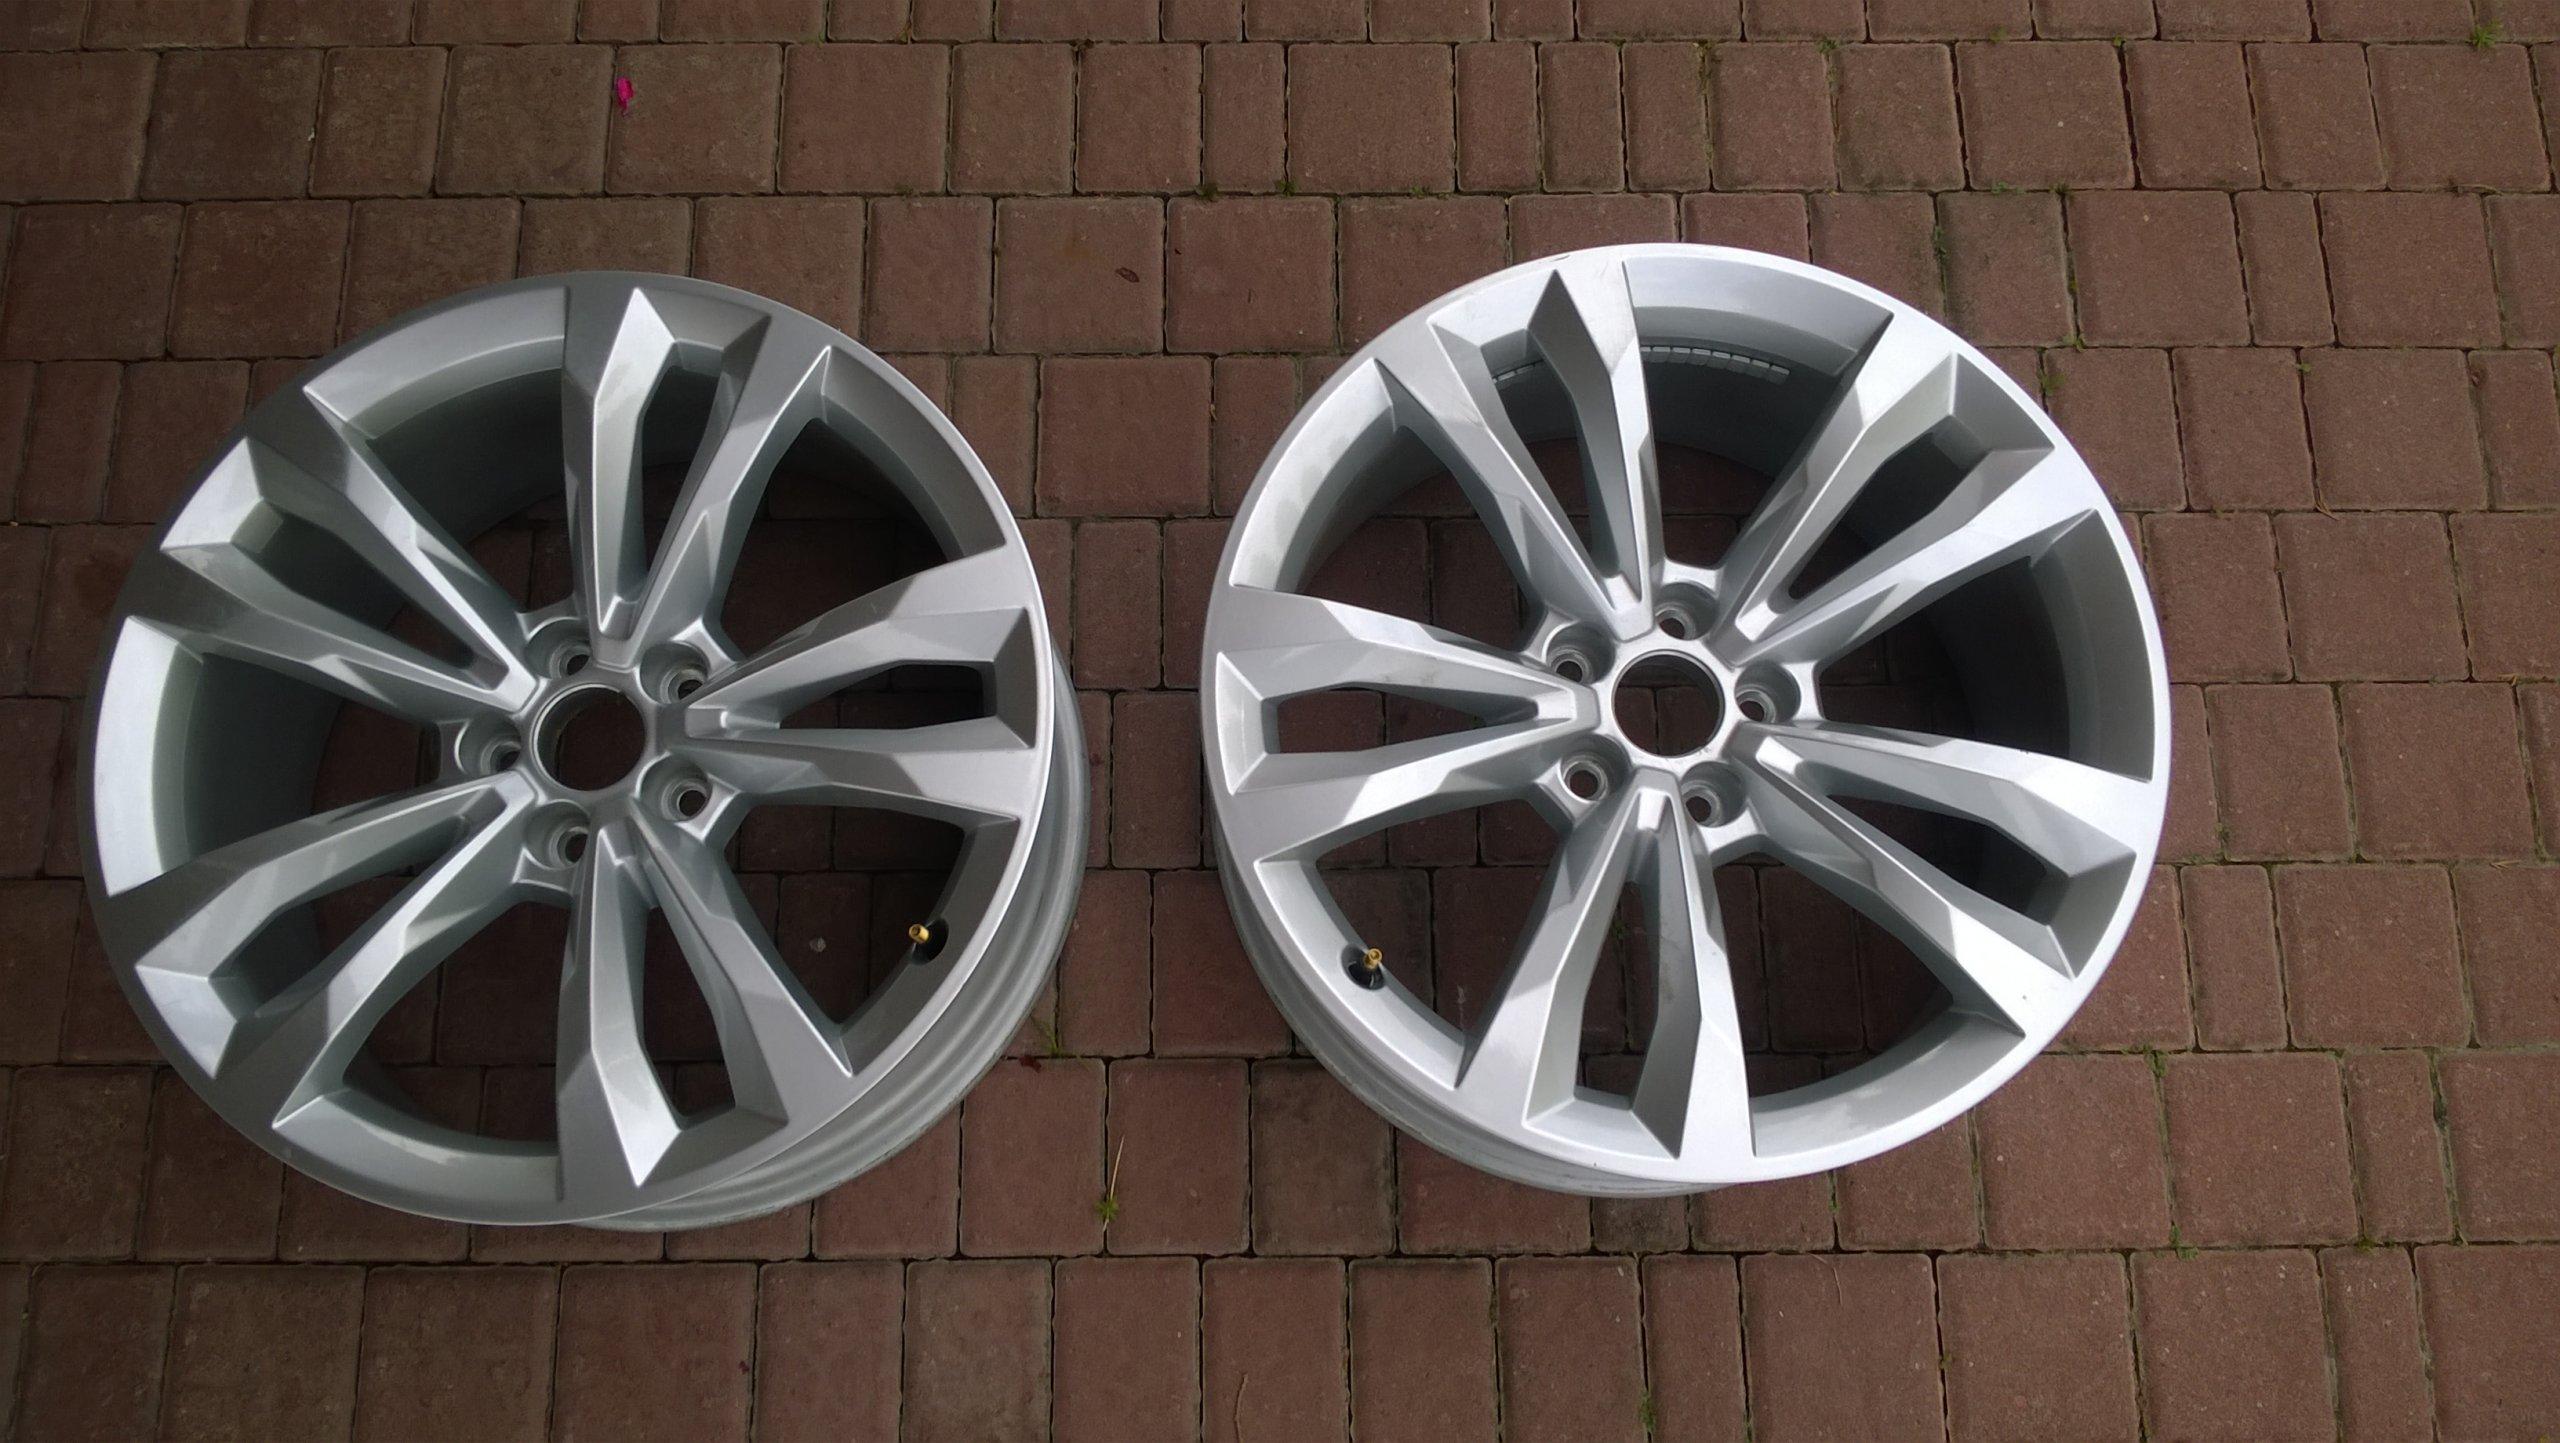 Audi Q7 4m0 Felgi Aluminiowe 19 Nowy Model Felga 6429333863